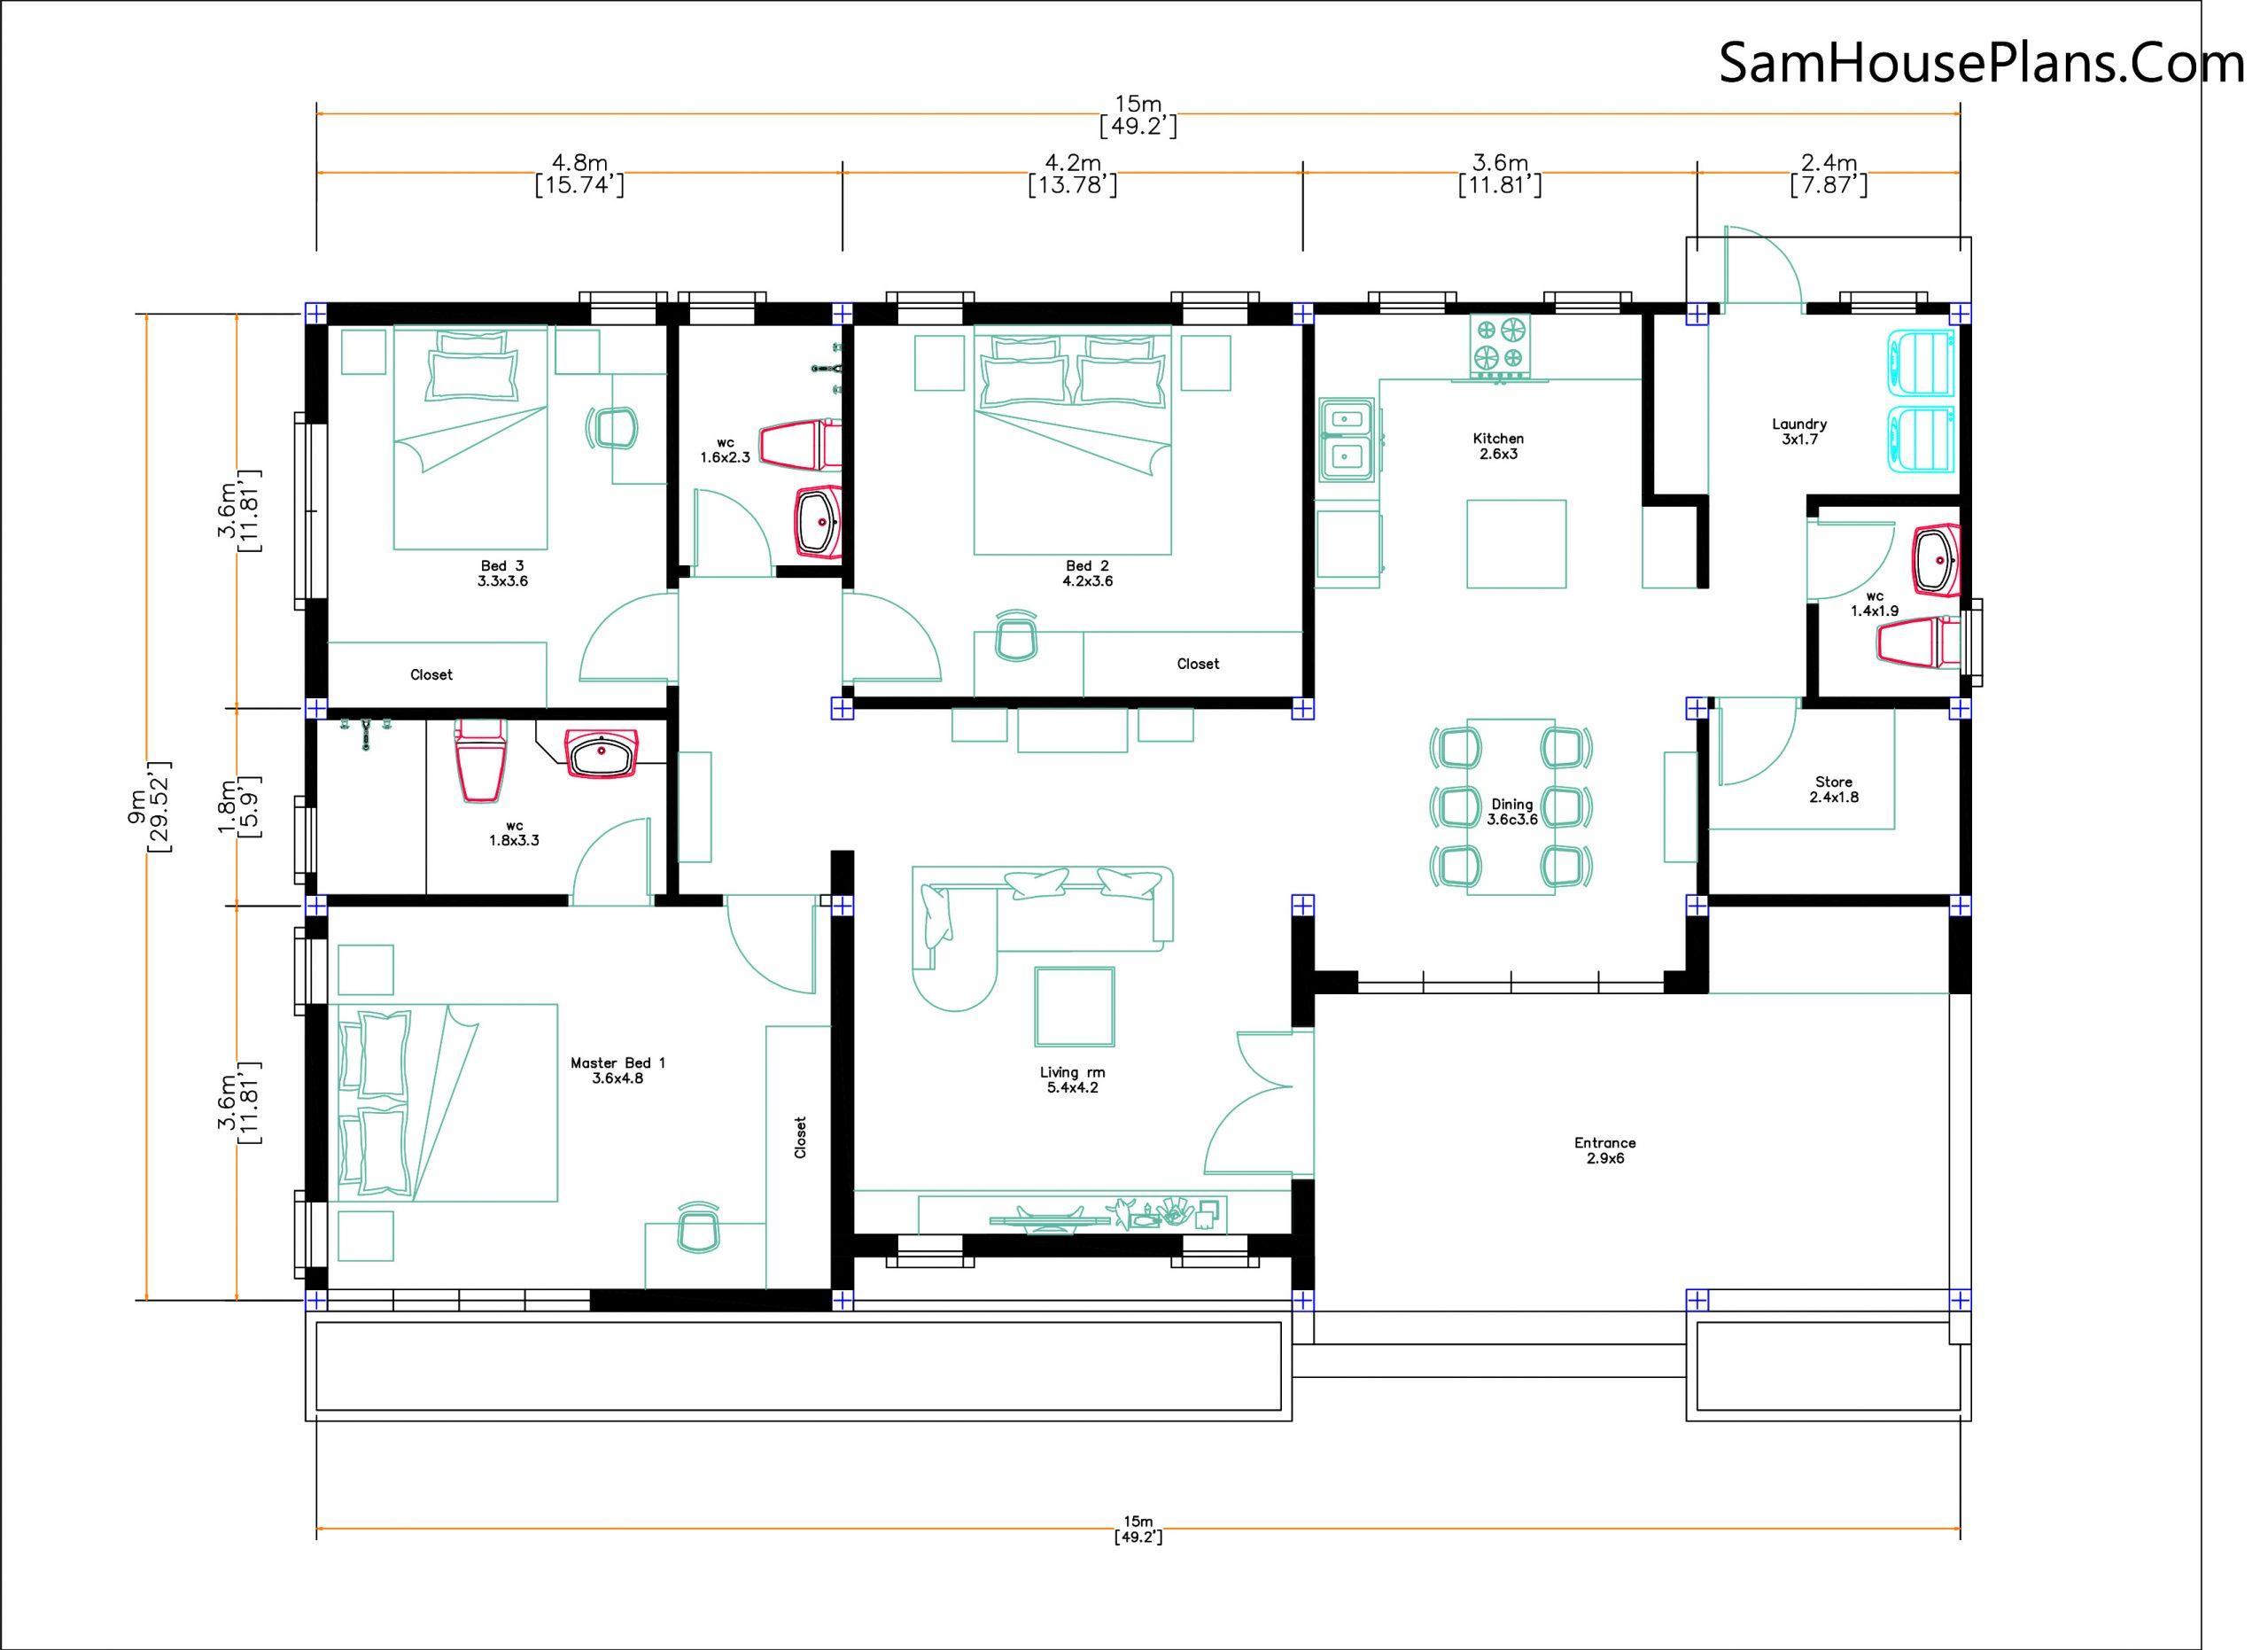 Layout floor plan Modern House Plan 15x9 M 49x30 Feet 3 Beds PDF Plan 3d